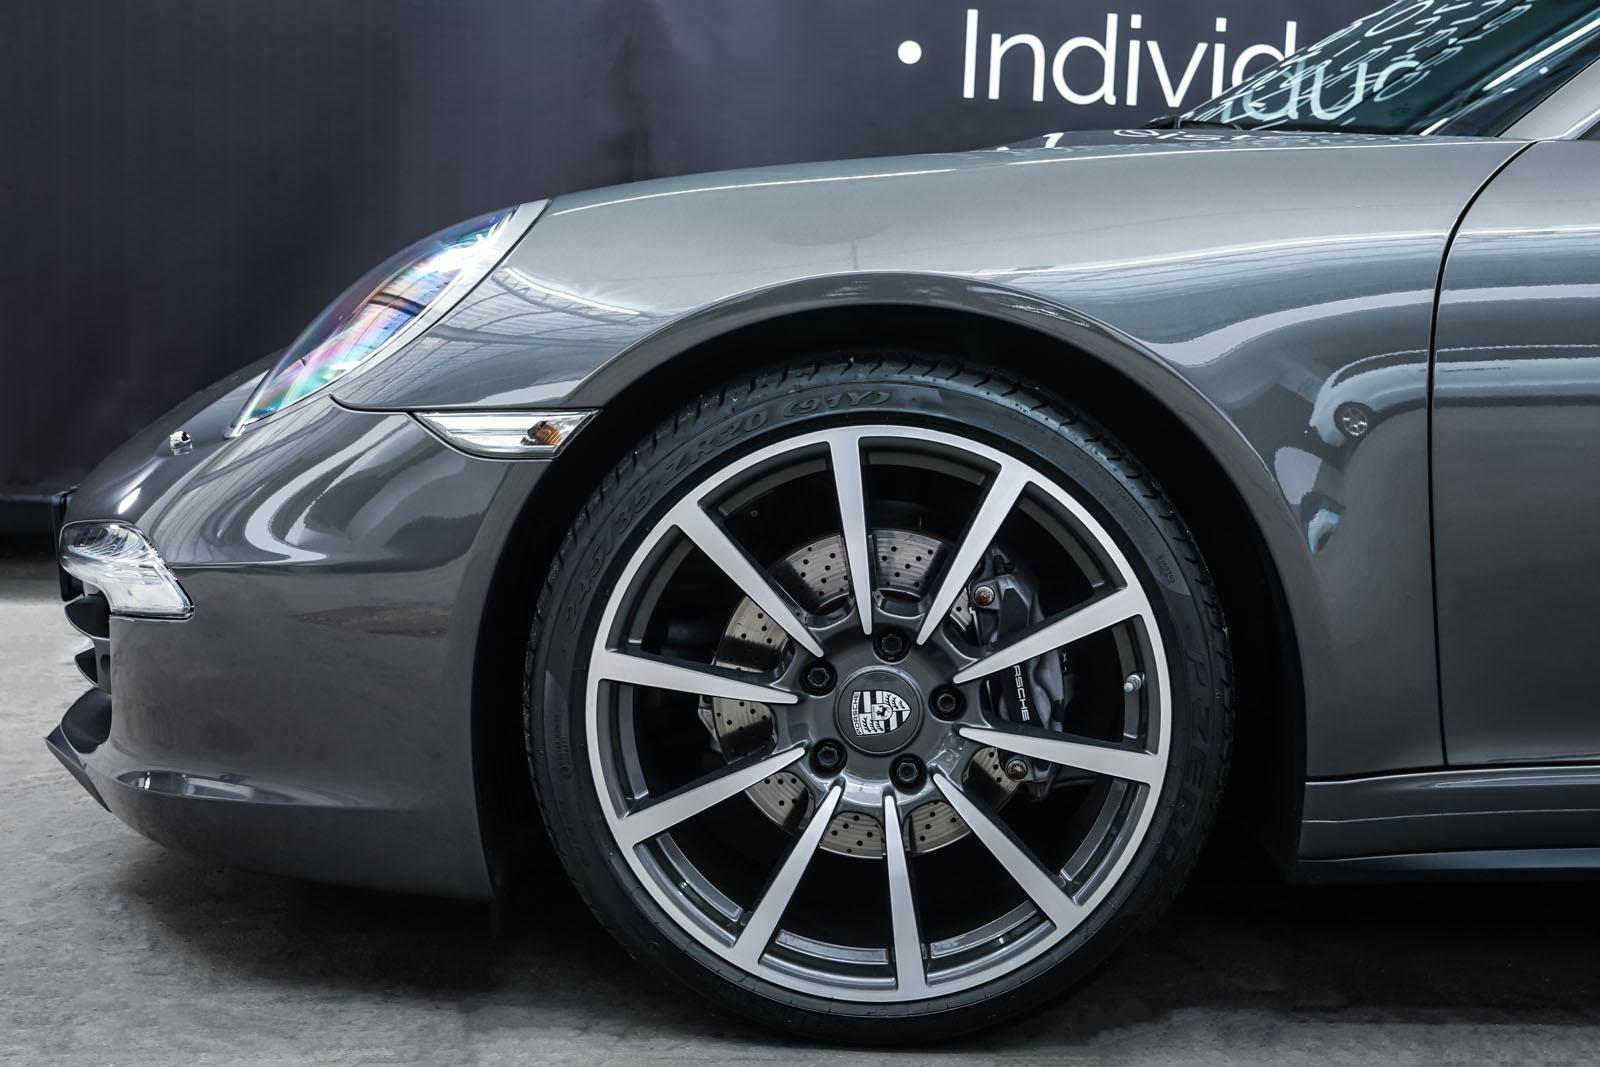 Porsche_991_C4_Cabrio_SilberBraun_Schwarz_POR-7106_3_w